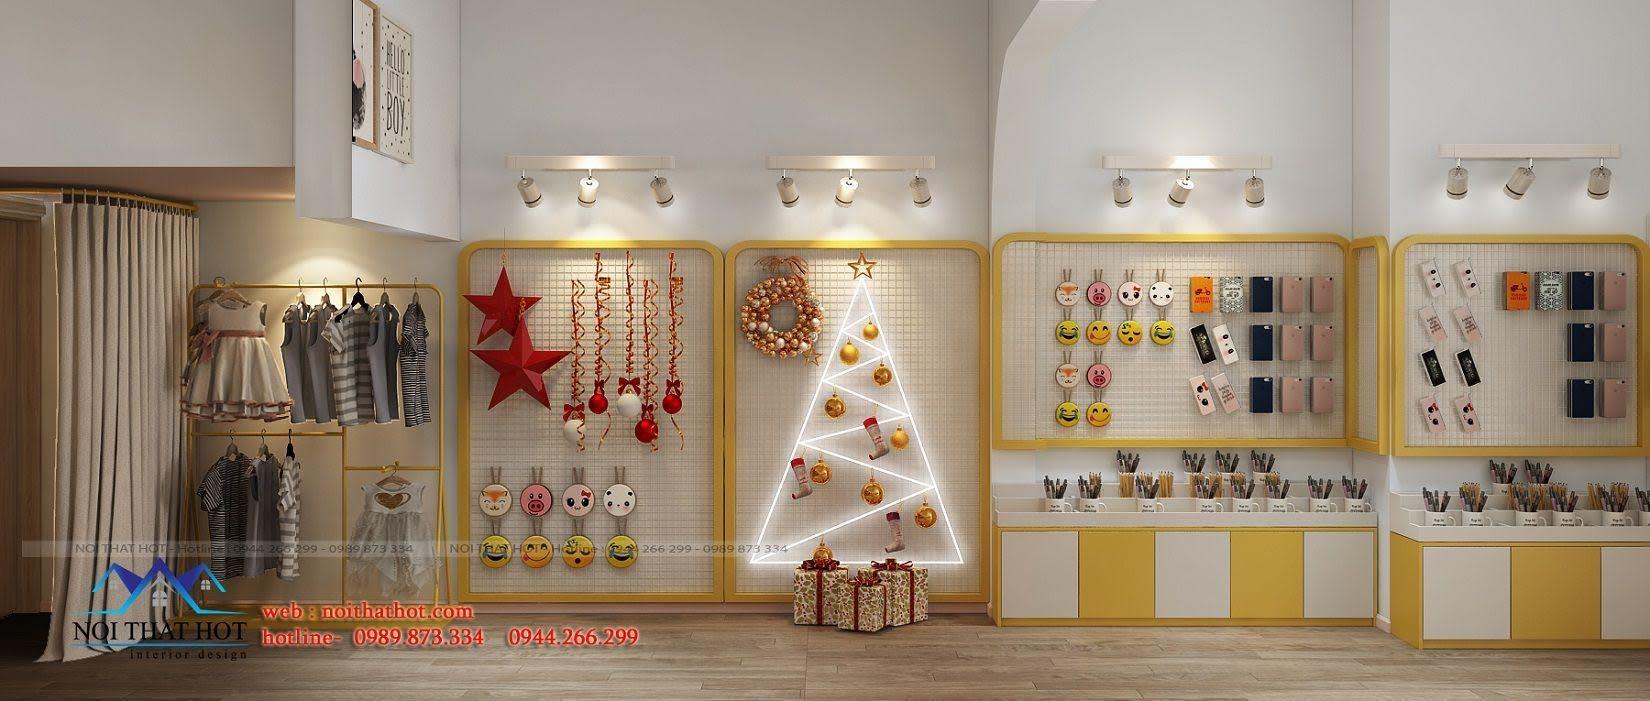 thiết kế cửa hàng lưu niệm tại lò đúc 6